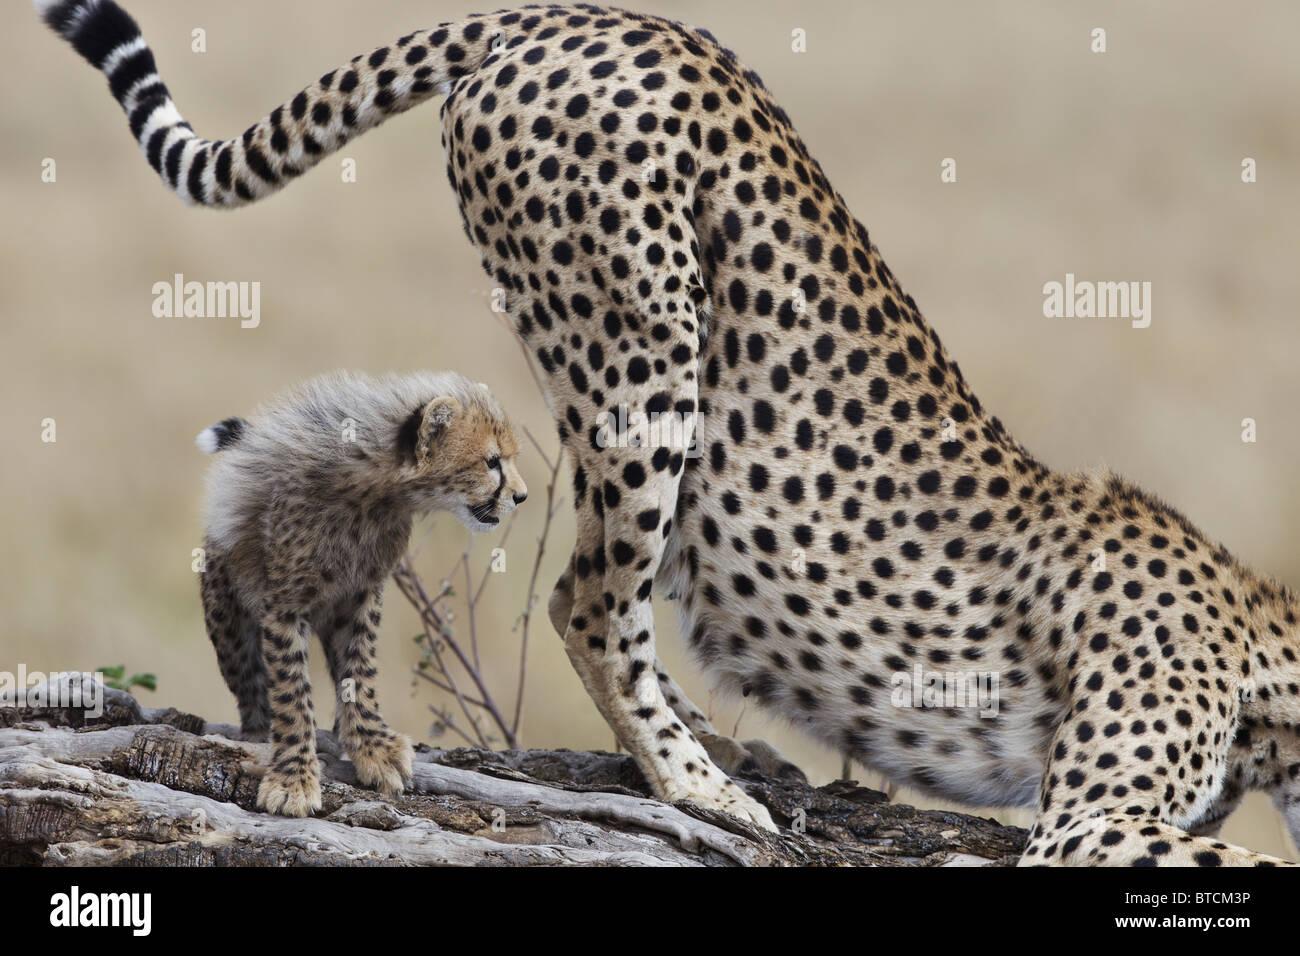 Geparden-Weibchen (Acinonyx Jubatus) mit Cub Duft markieren. Stockbild